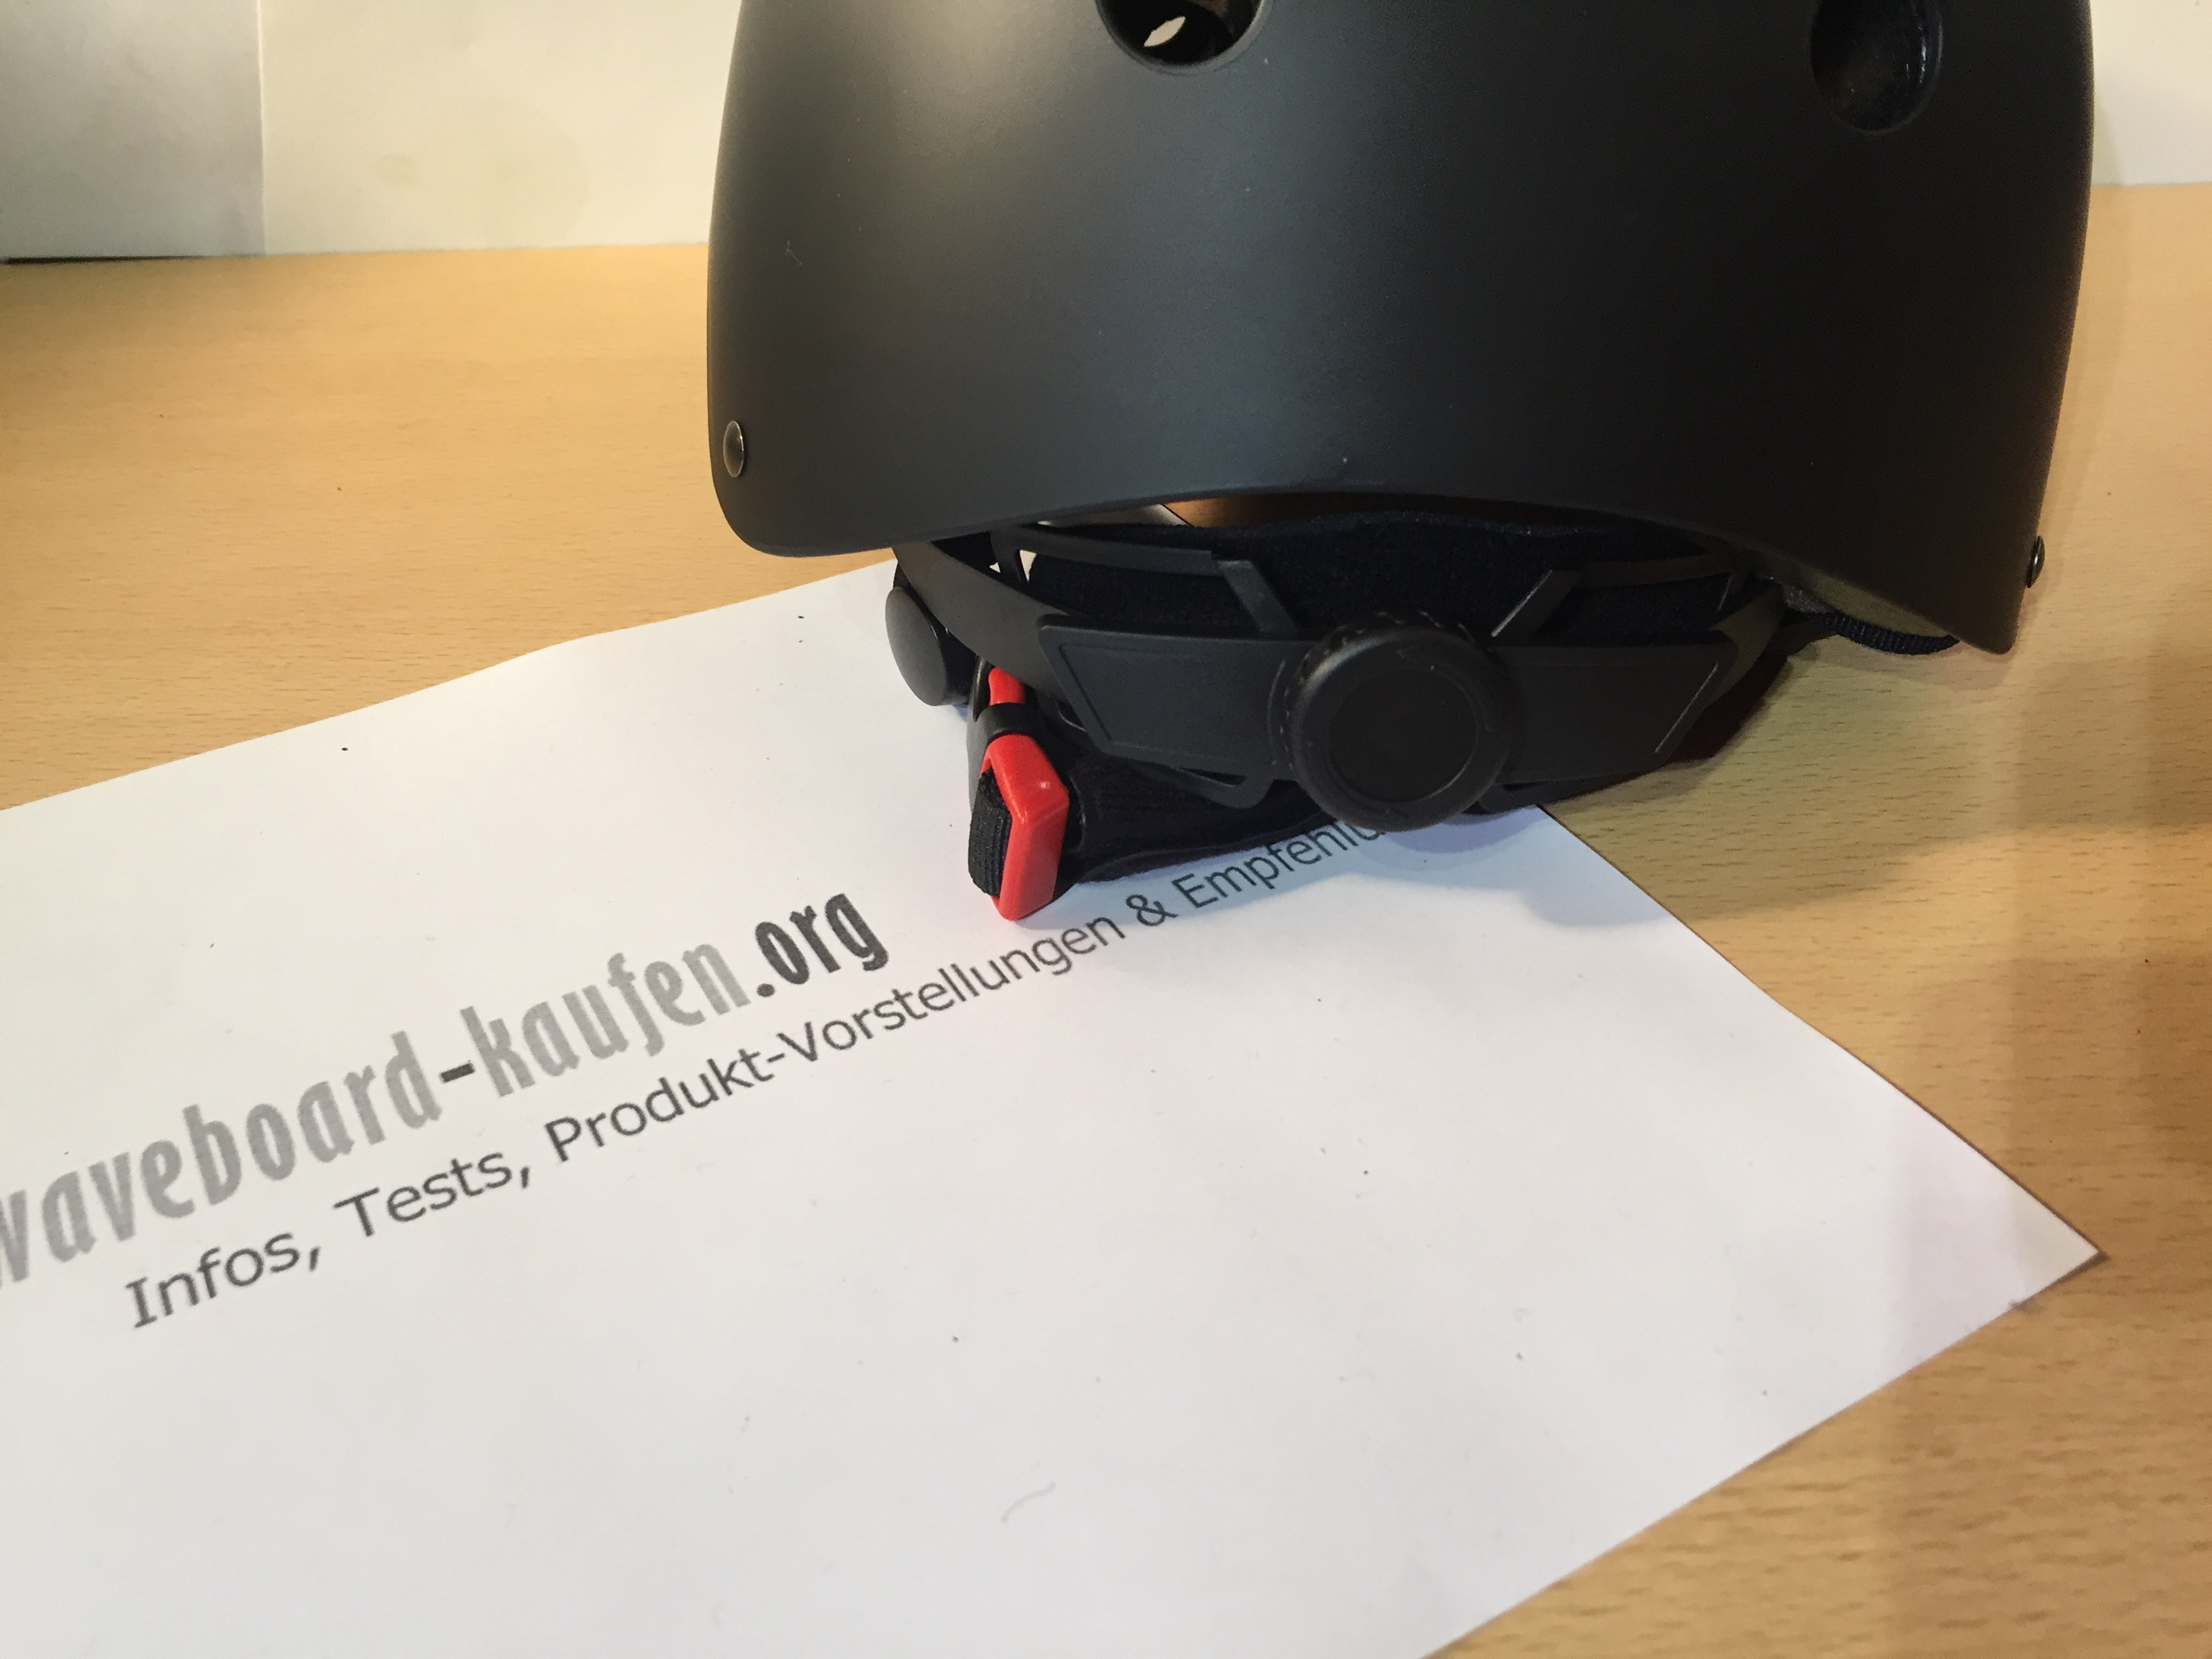 Das hintere Verschlusssystem des Maxnon Schutzhelms in der Nahaufnahme - ein Rad zum anpassen der Helmgröße an die individuelle Kopfgröße